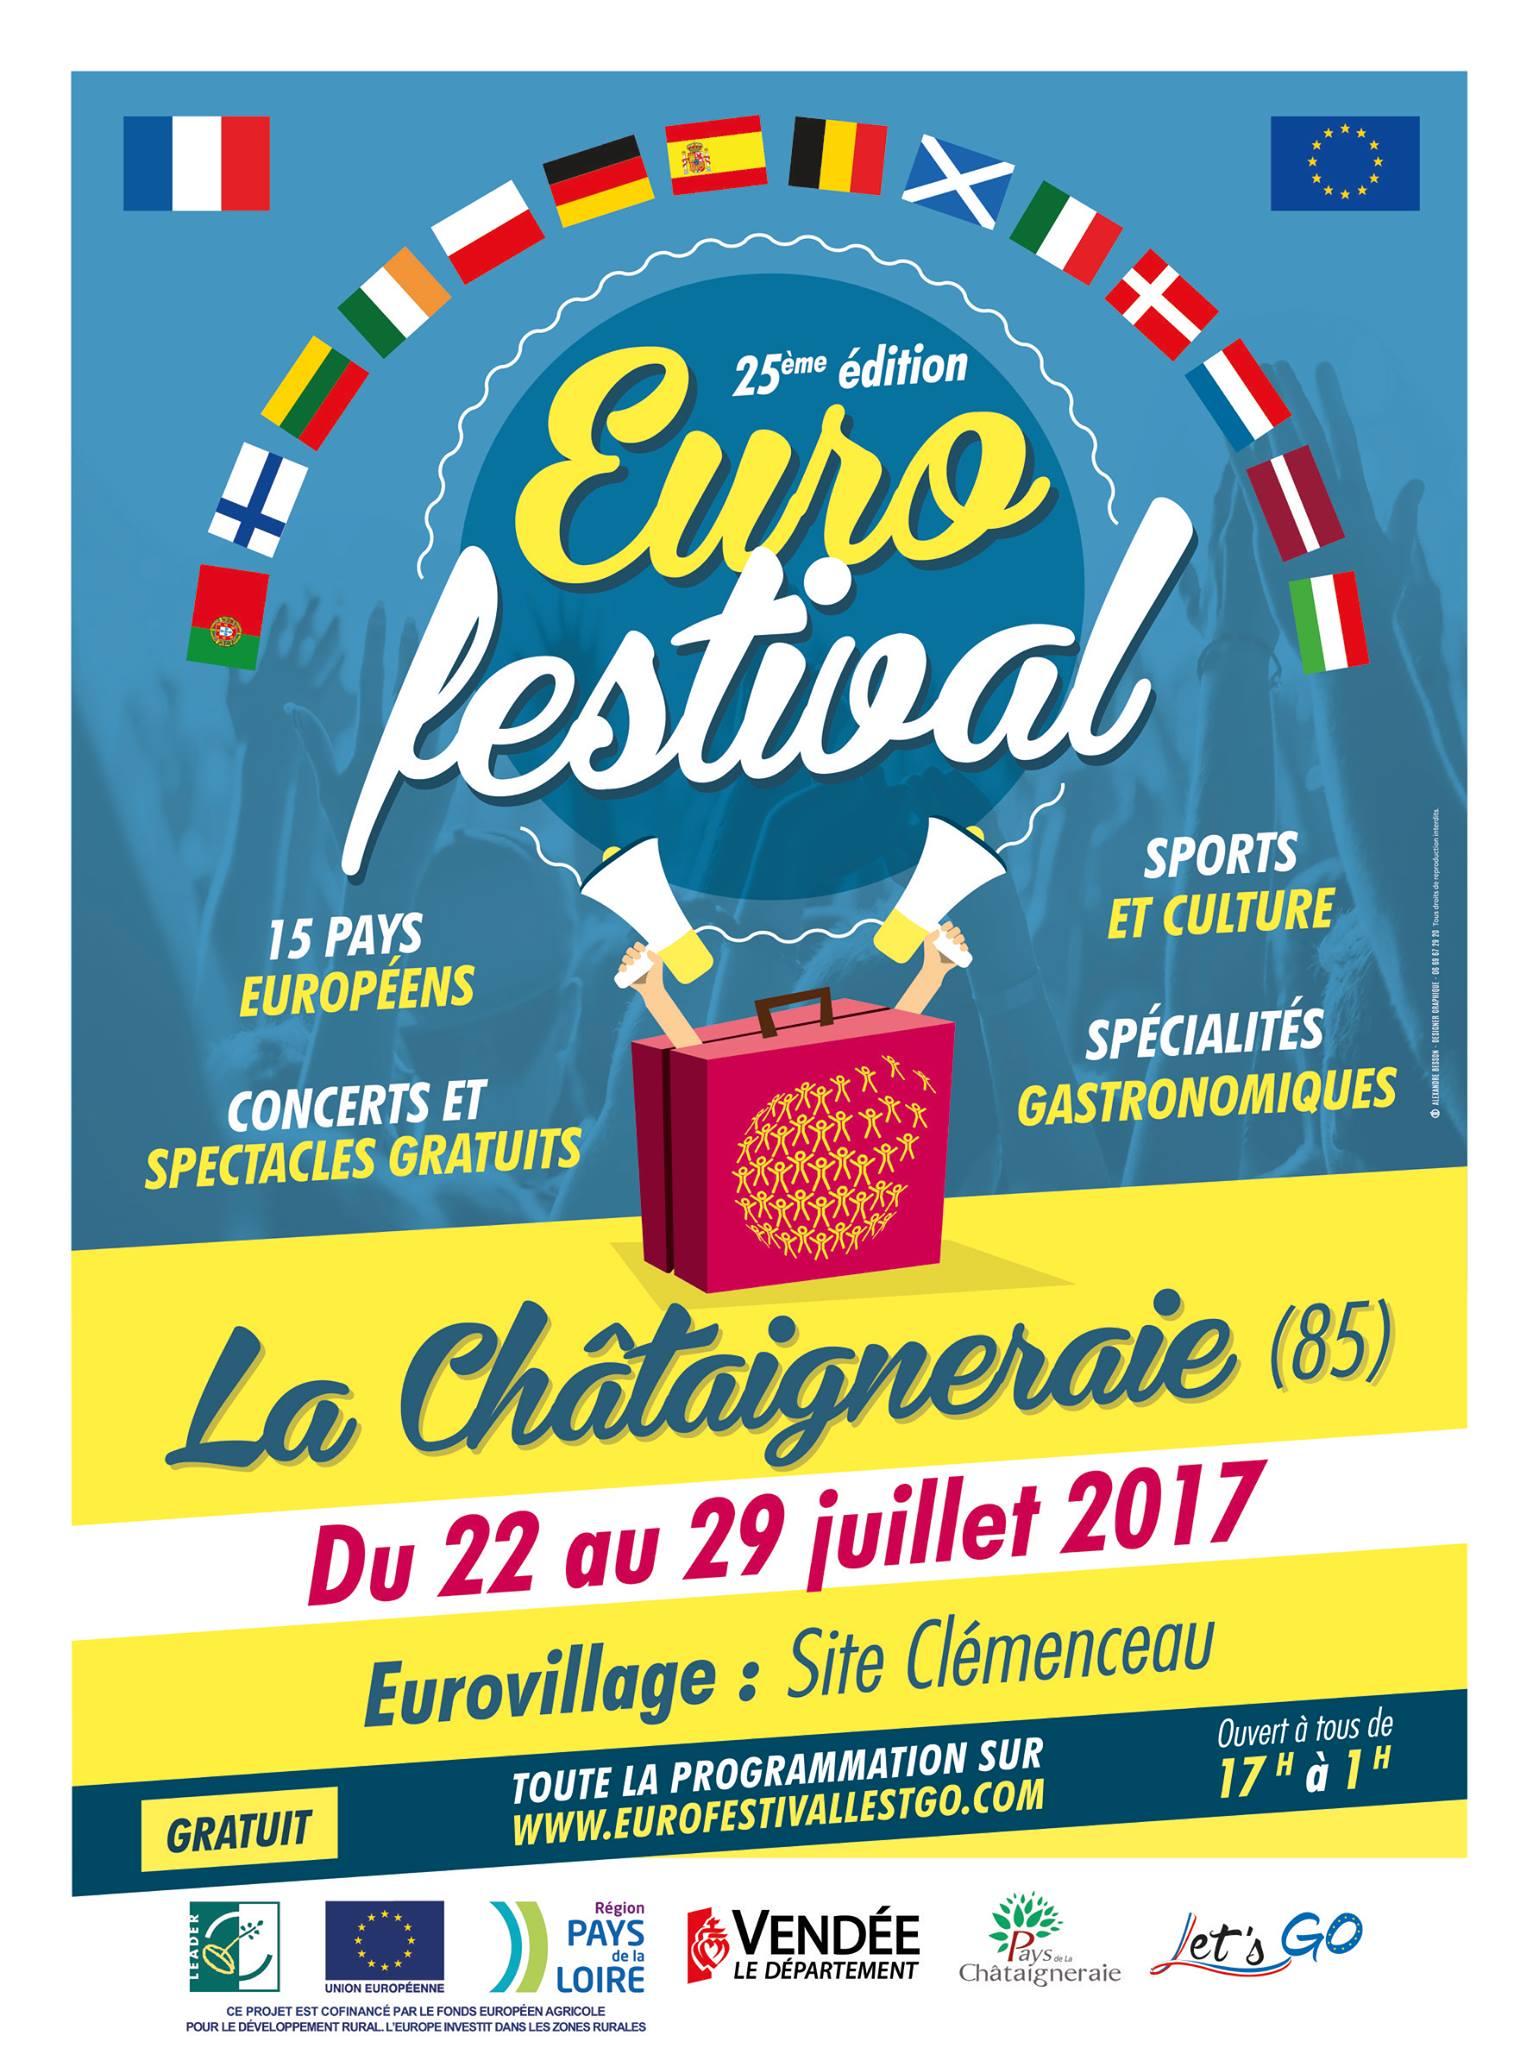 La Châtaigneraie: du 22 au 29 juillet 2017, environ 700 représentants venus de toute l'Europe